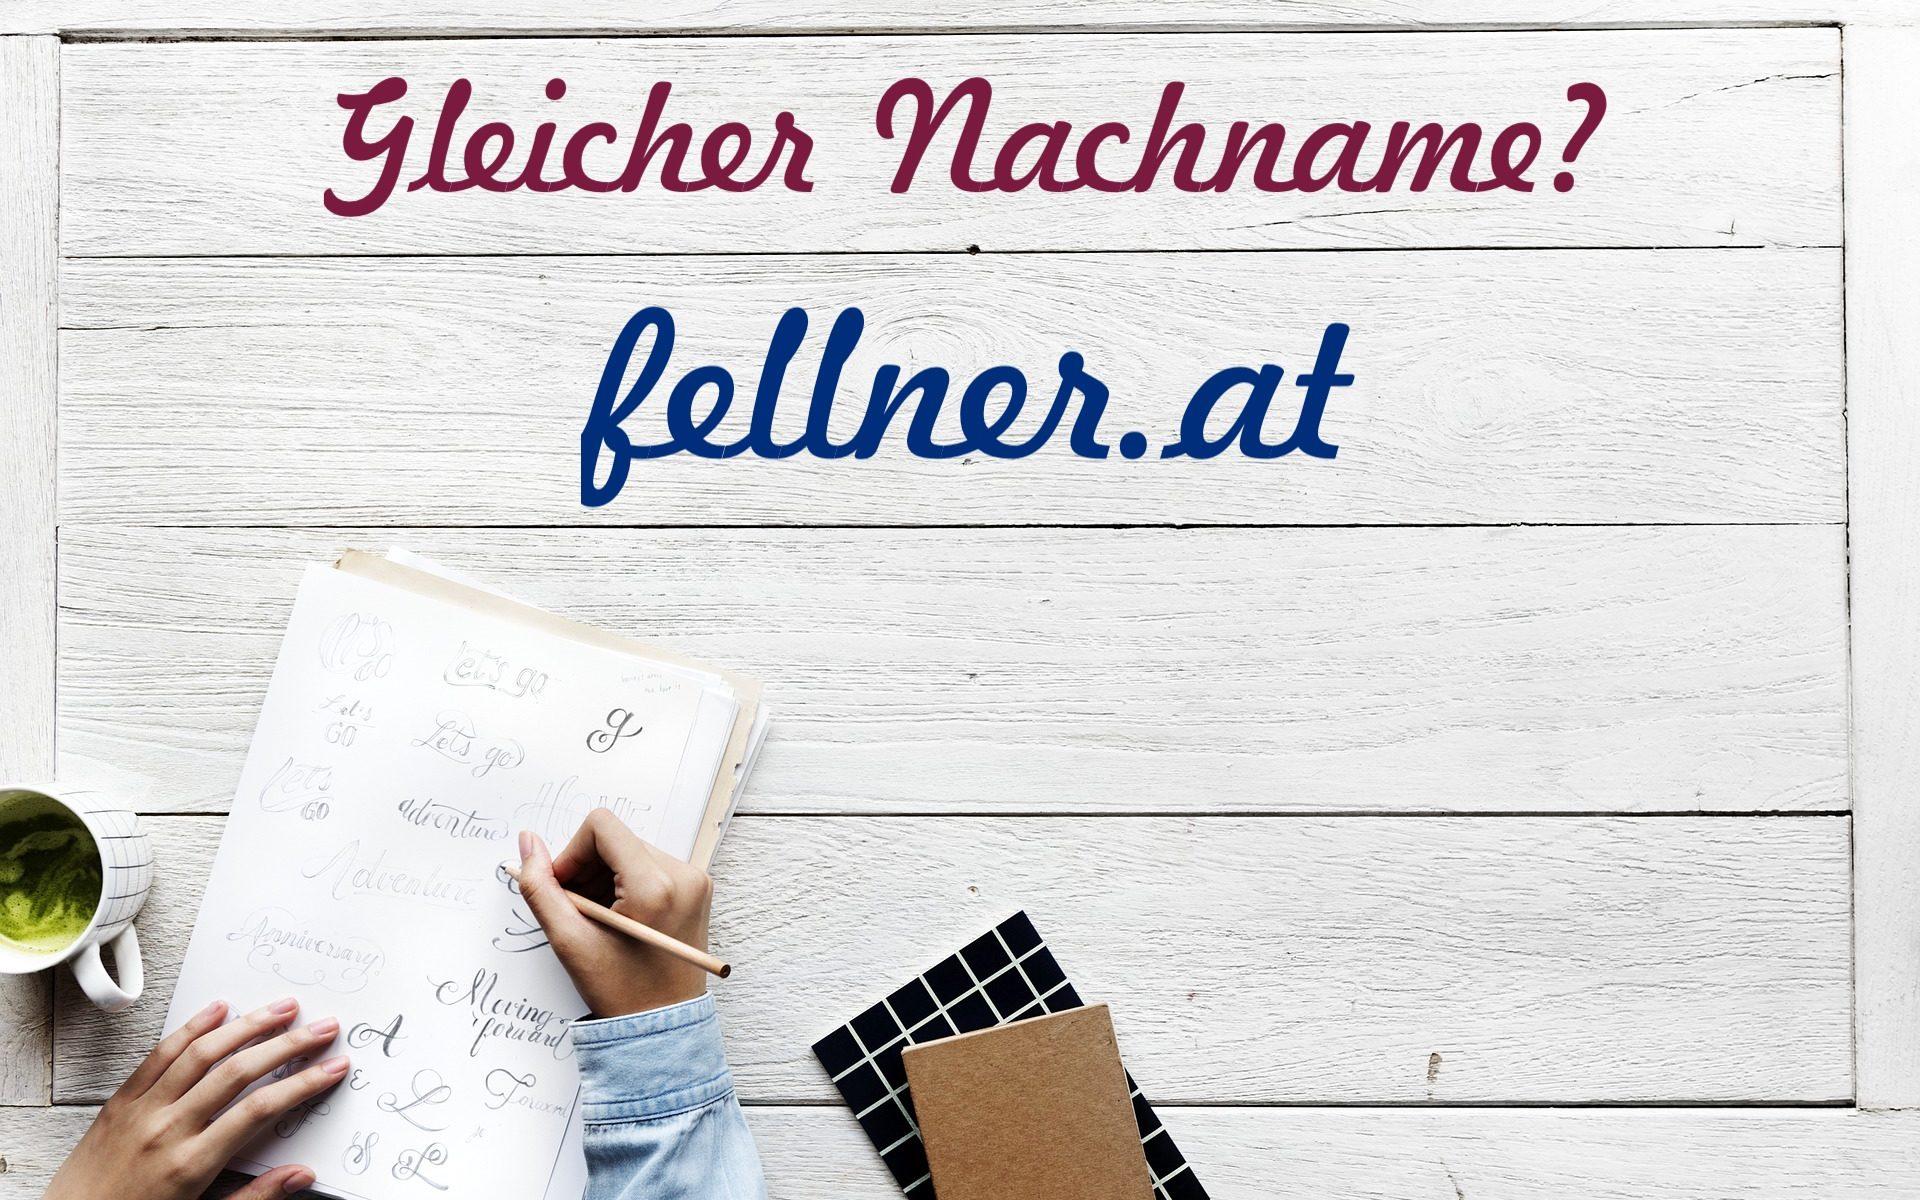 Fellner.at Domain